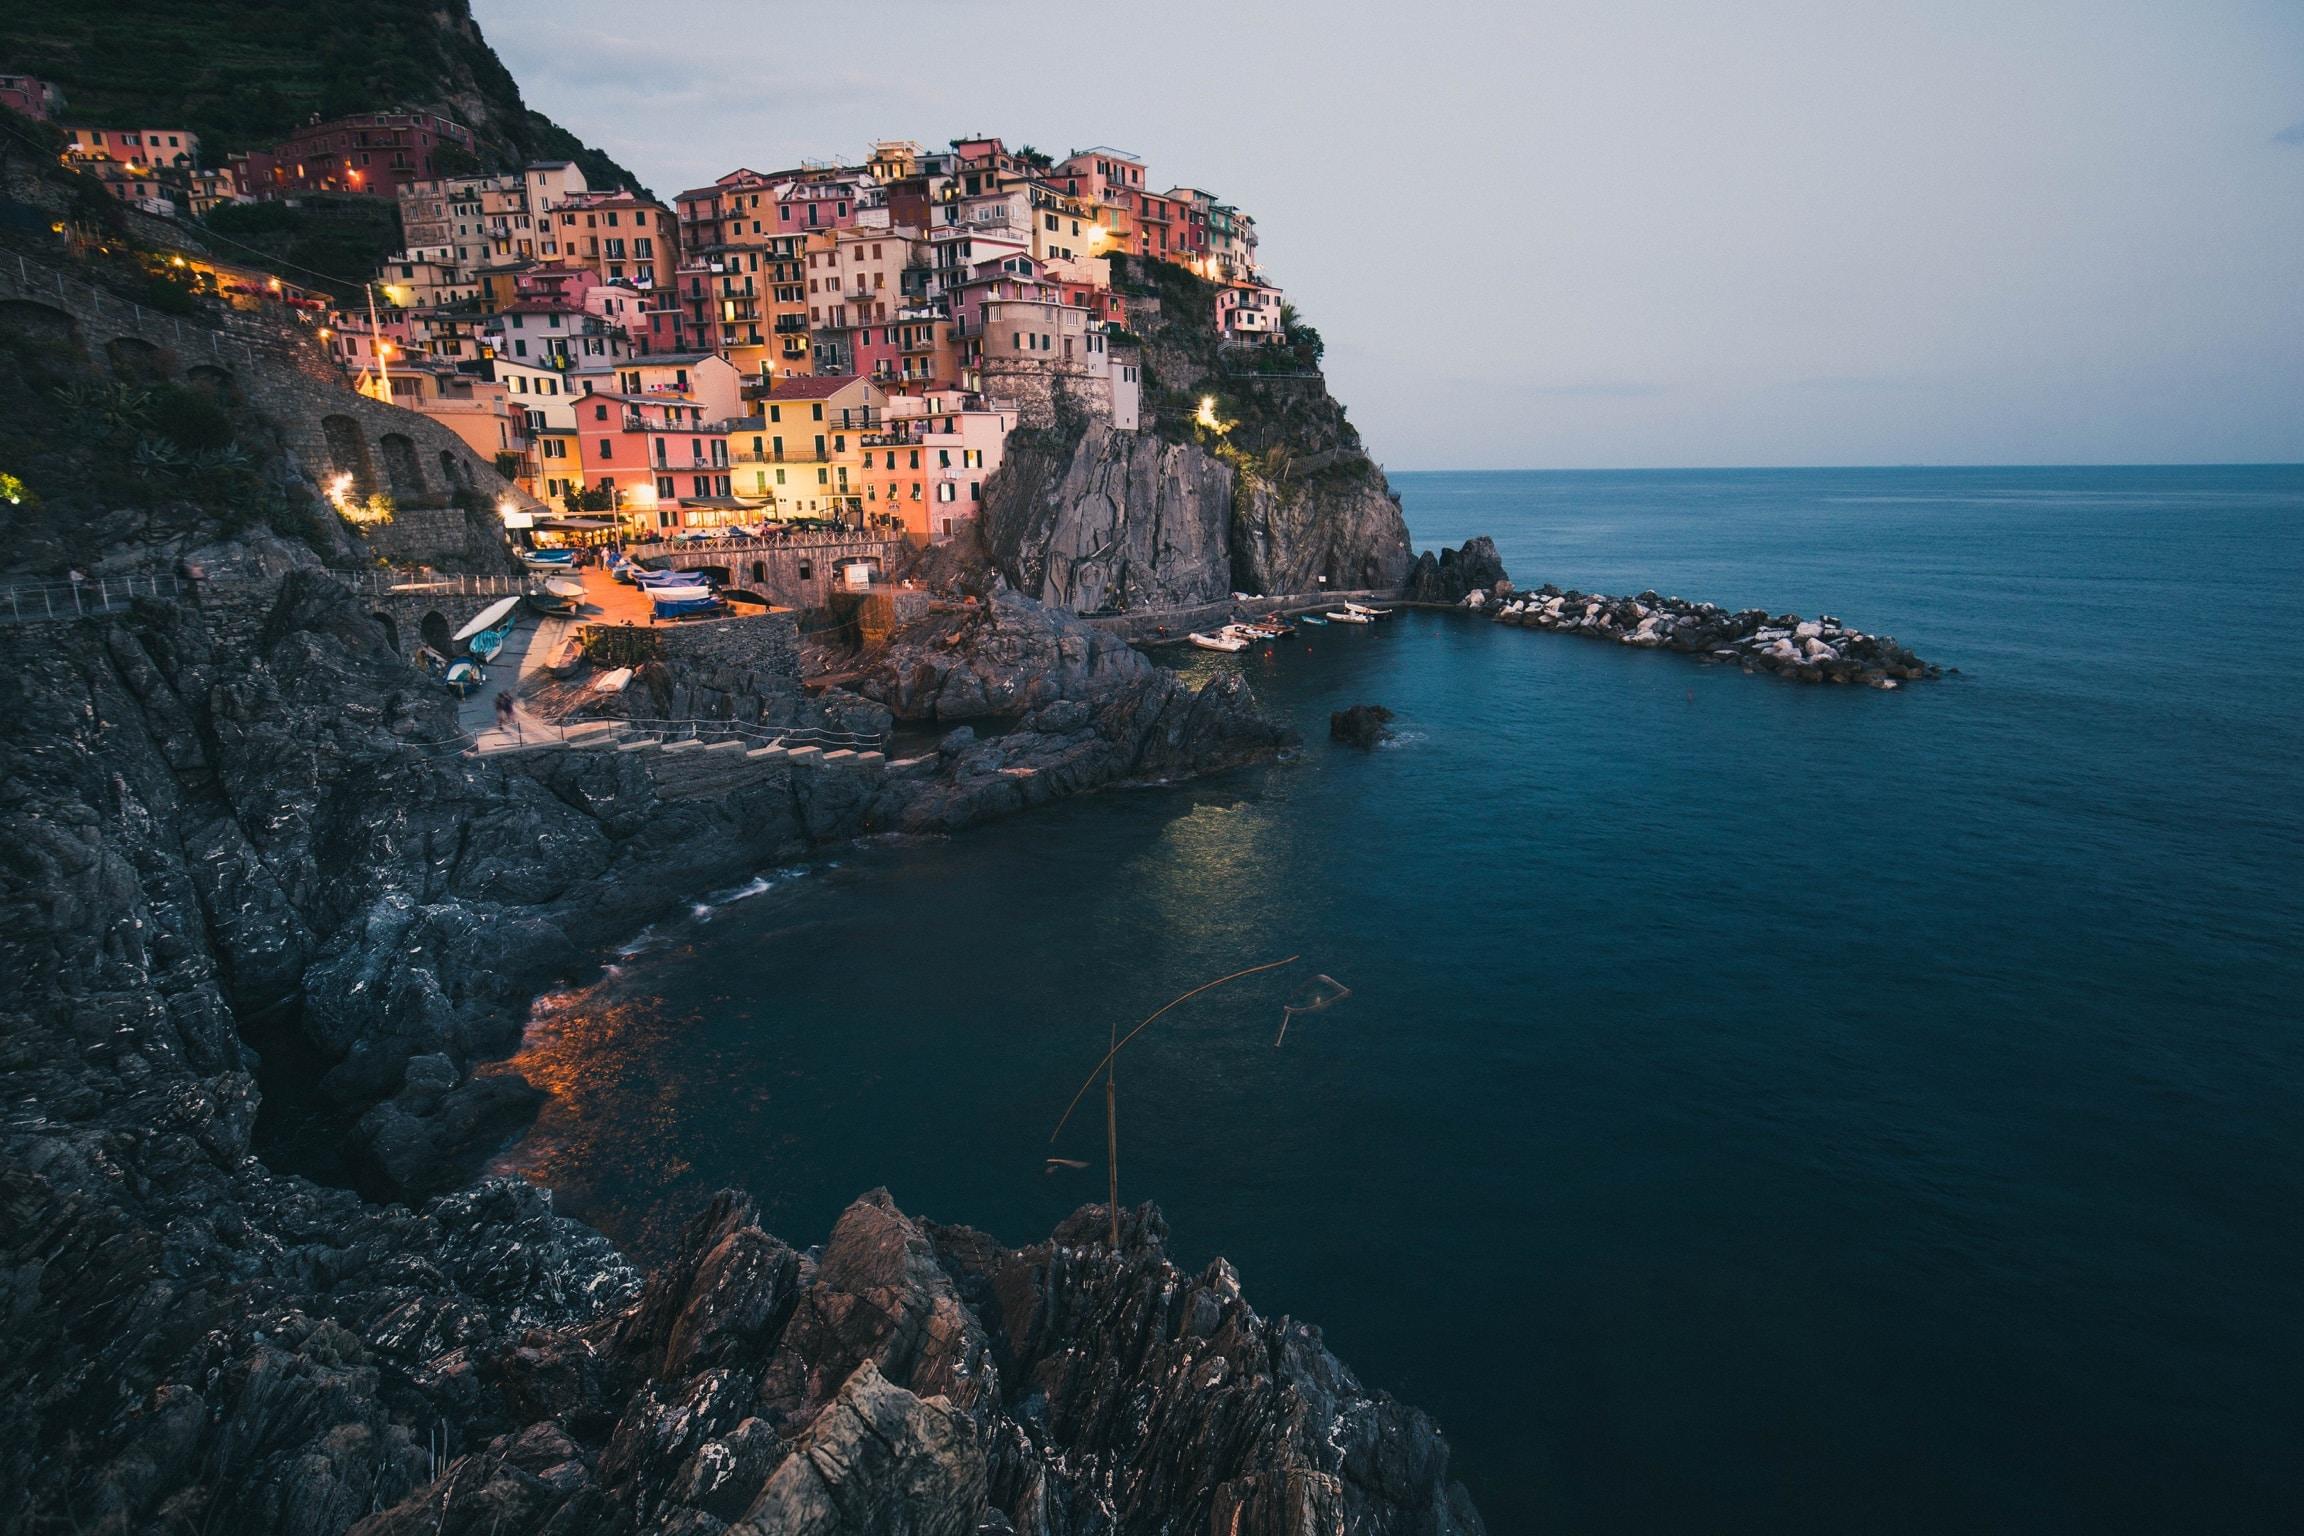 Cinque Terre Manarola, Italy